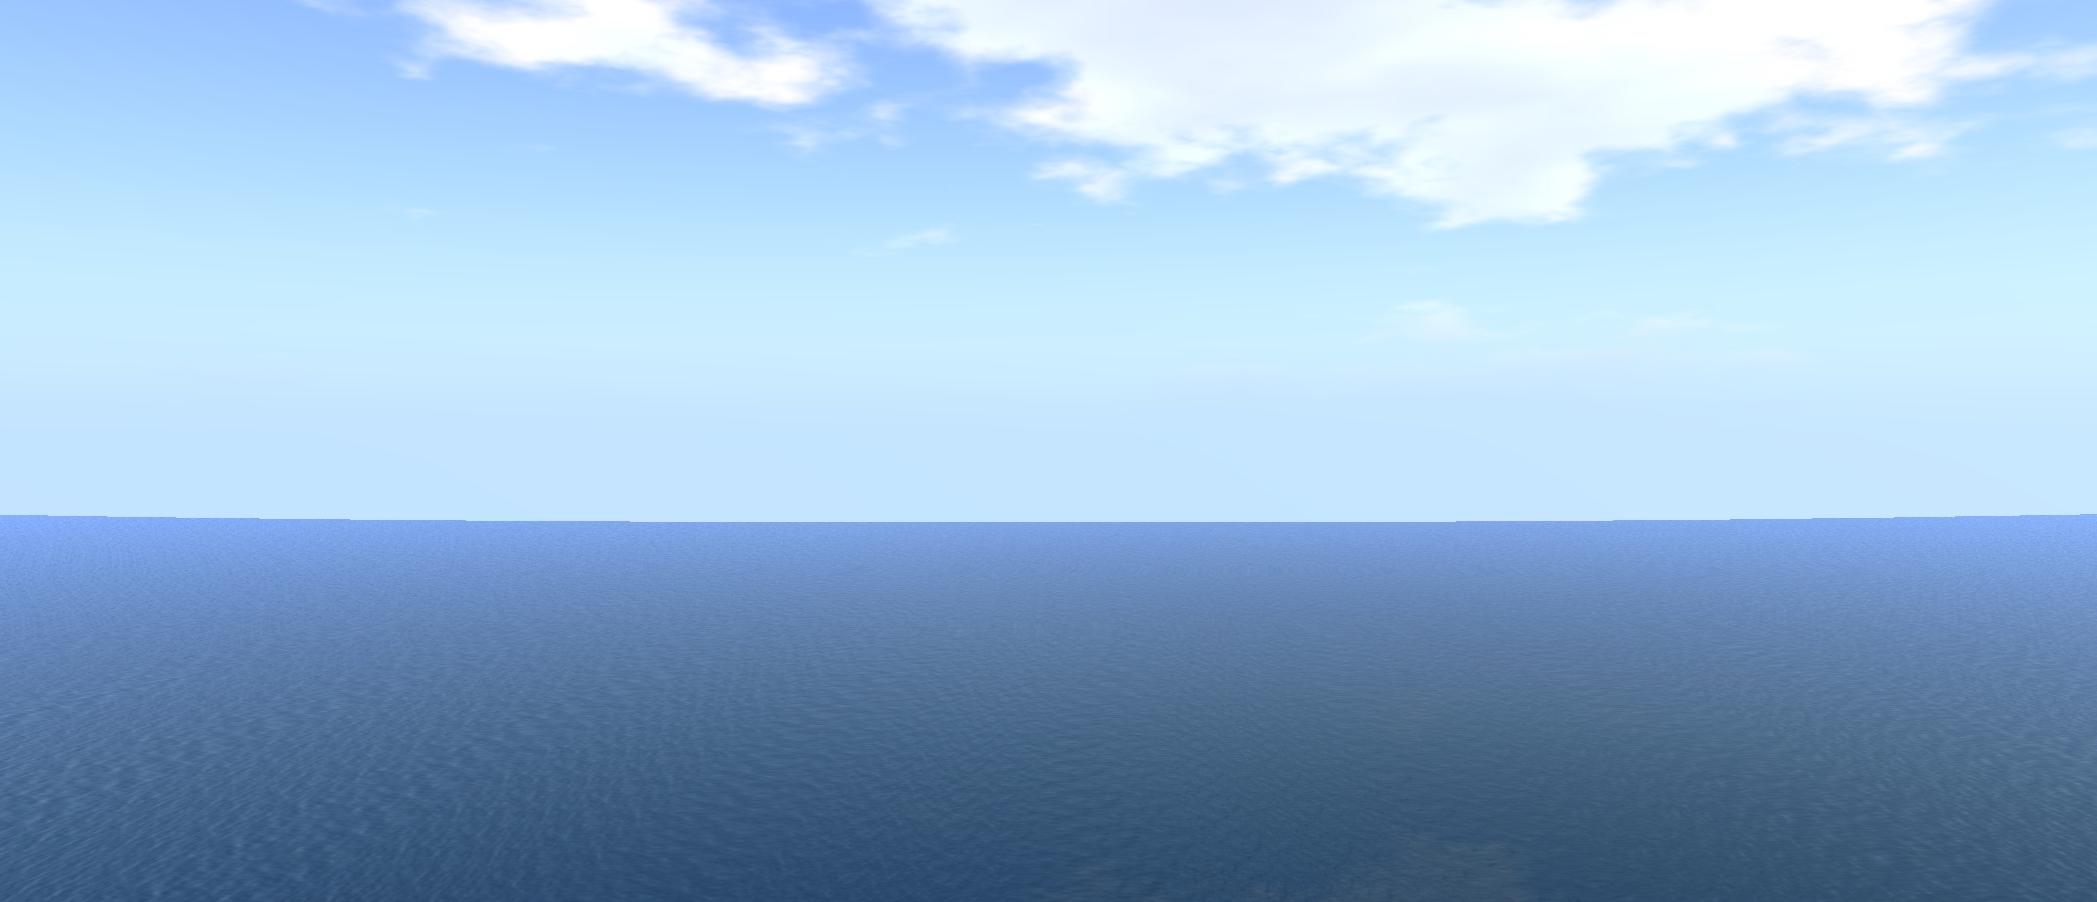 Digital Skies